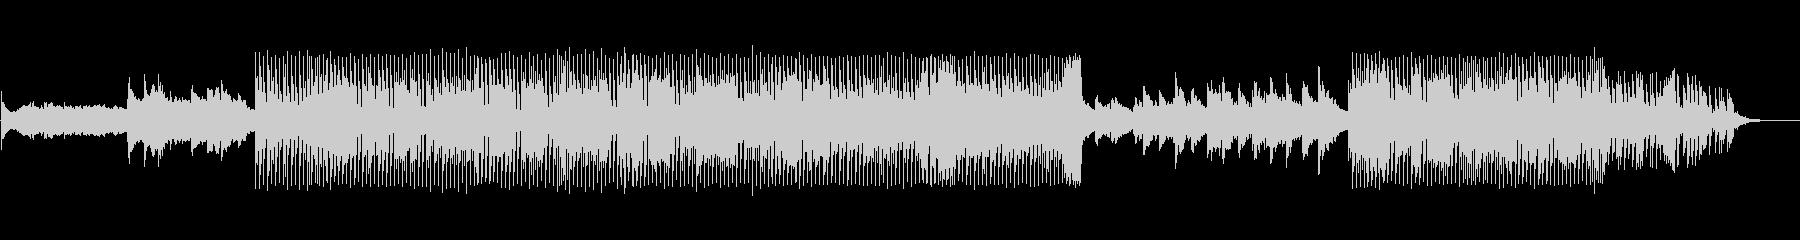 音数が少なくドライな四つ打ちの未再生の波形